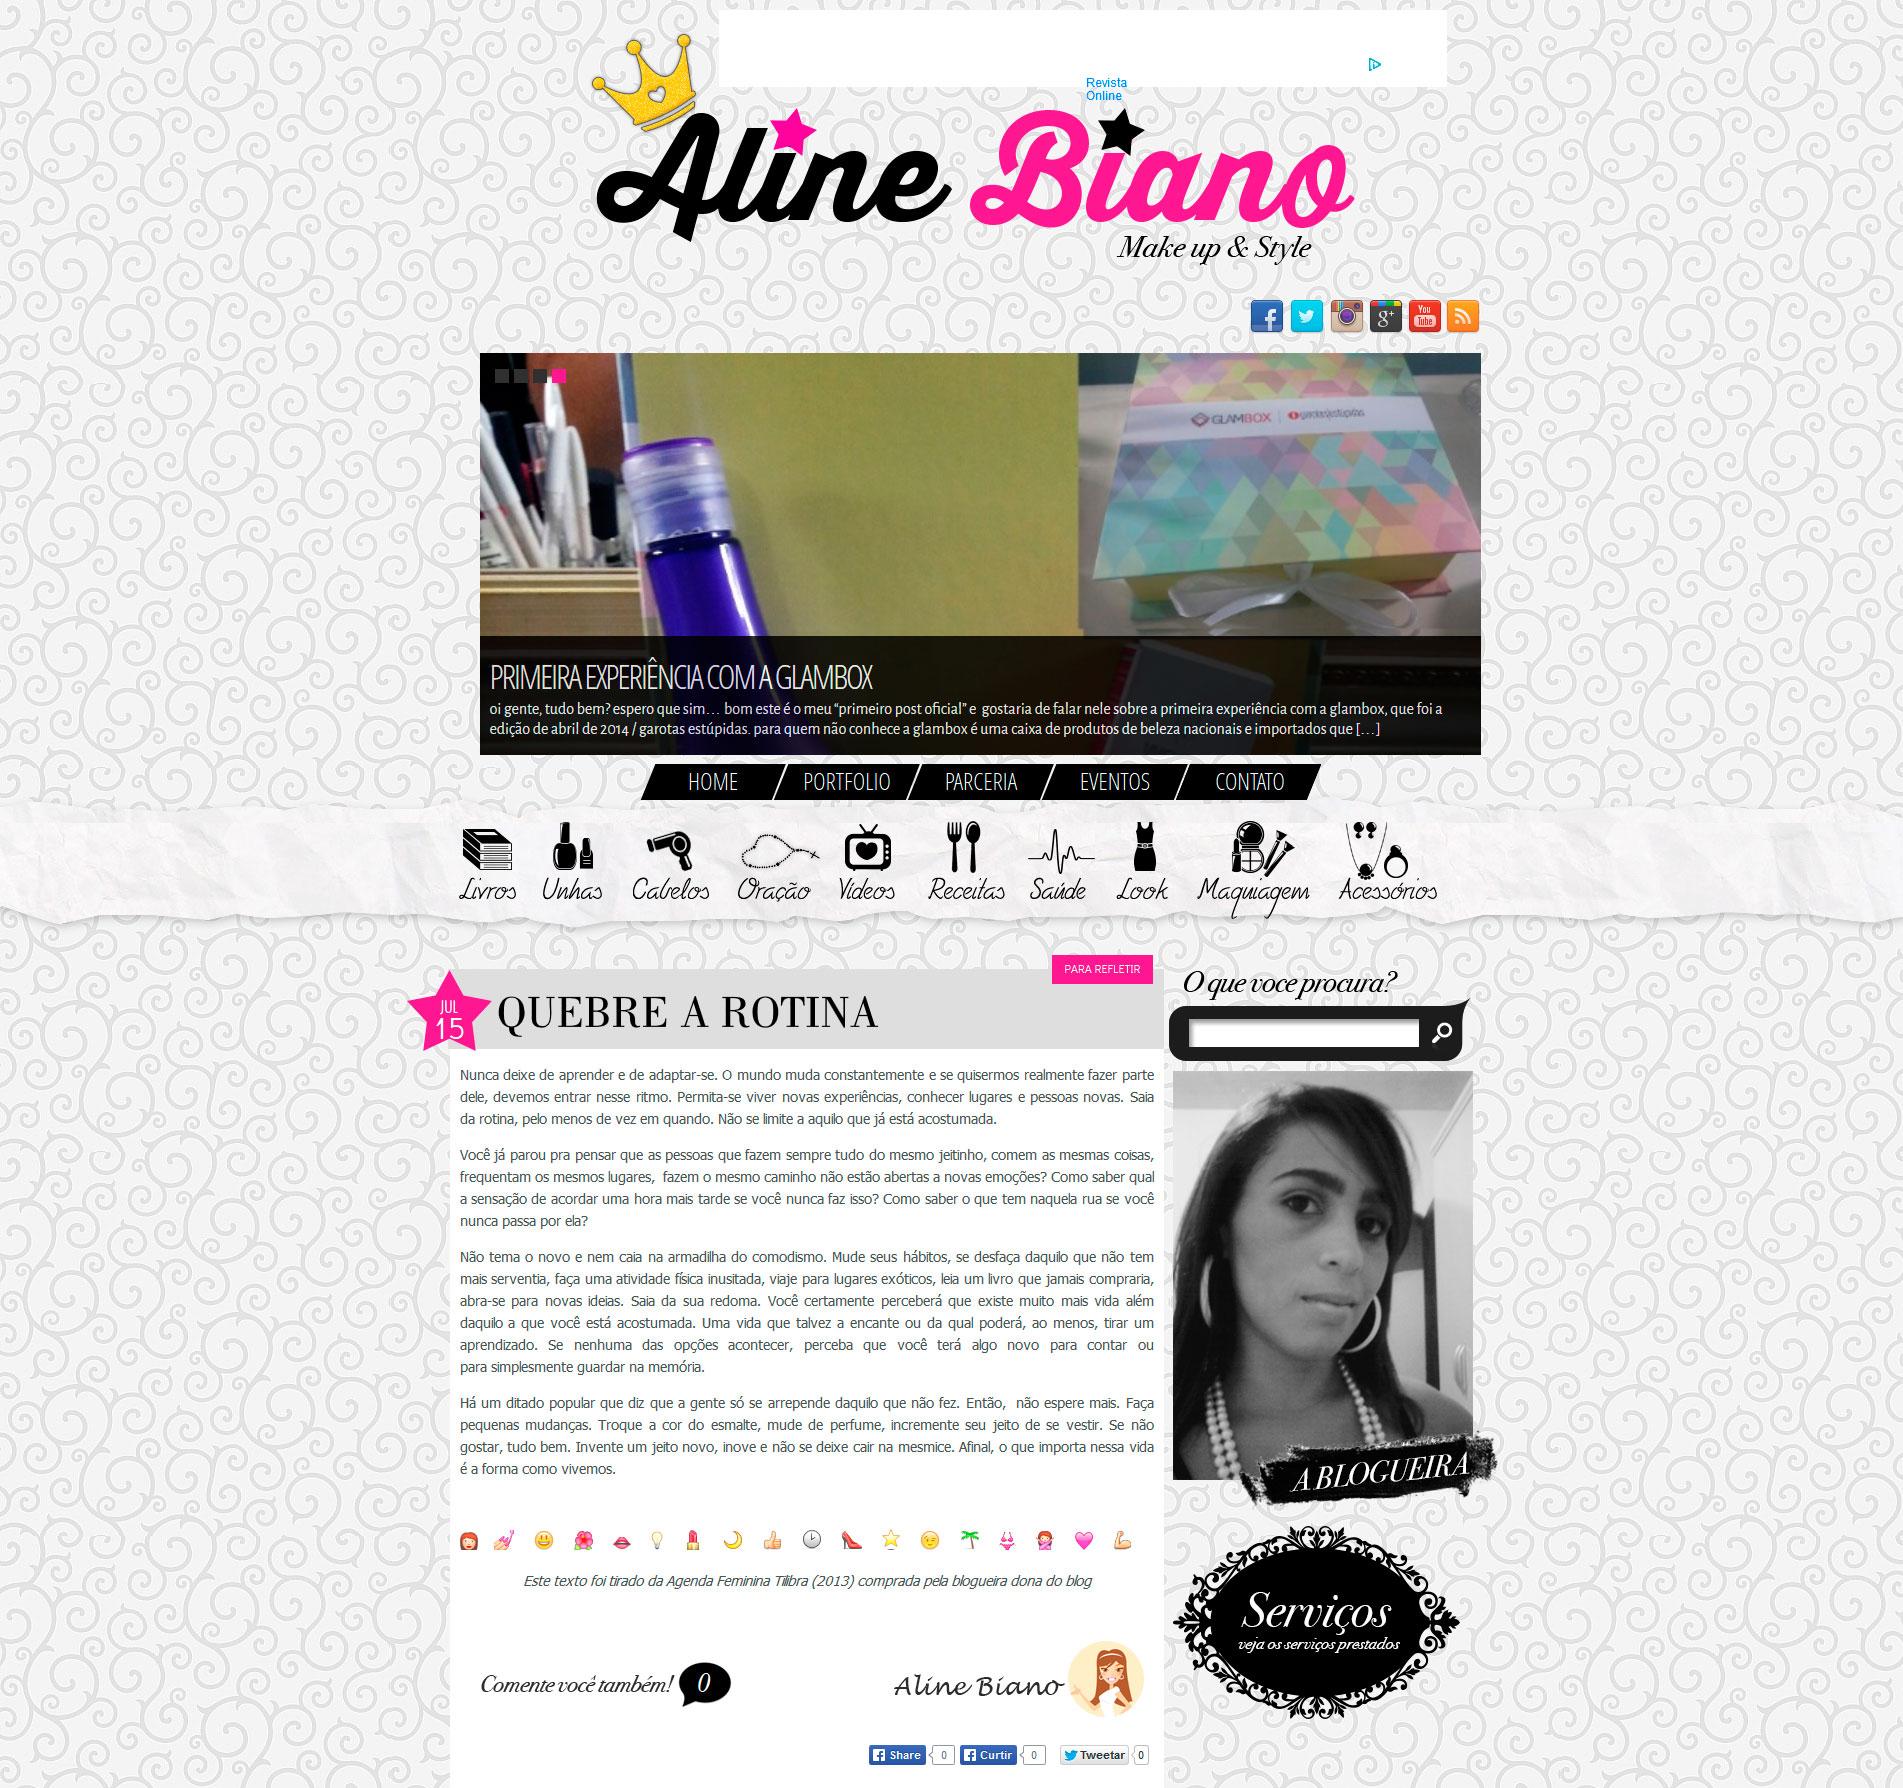 aline-biano